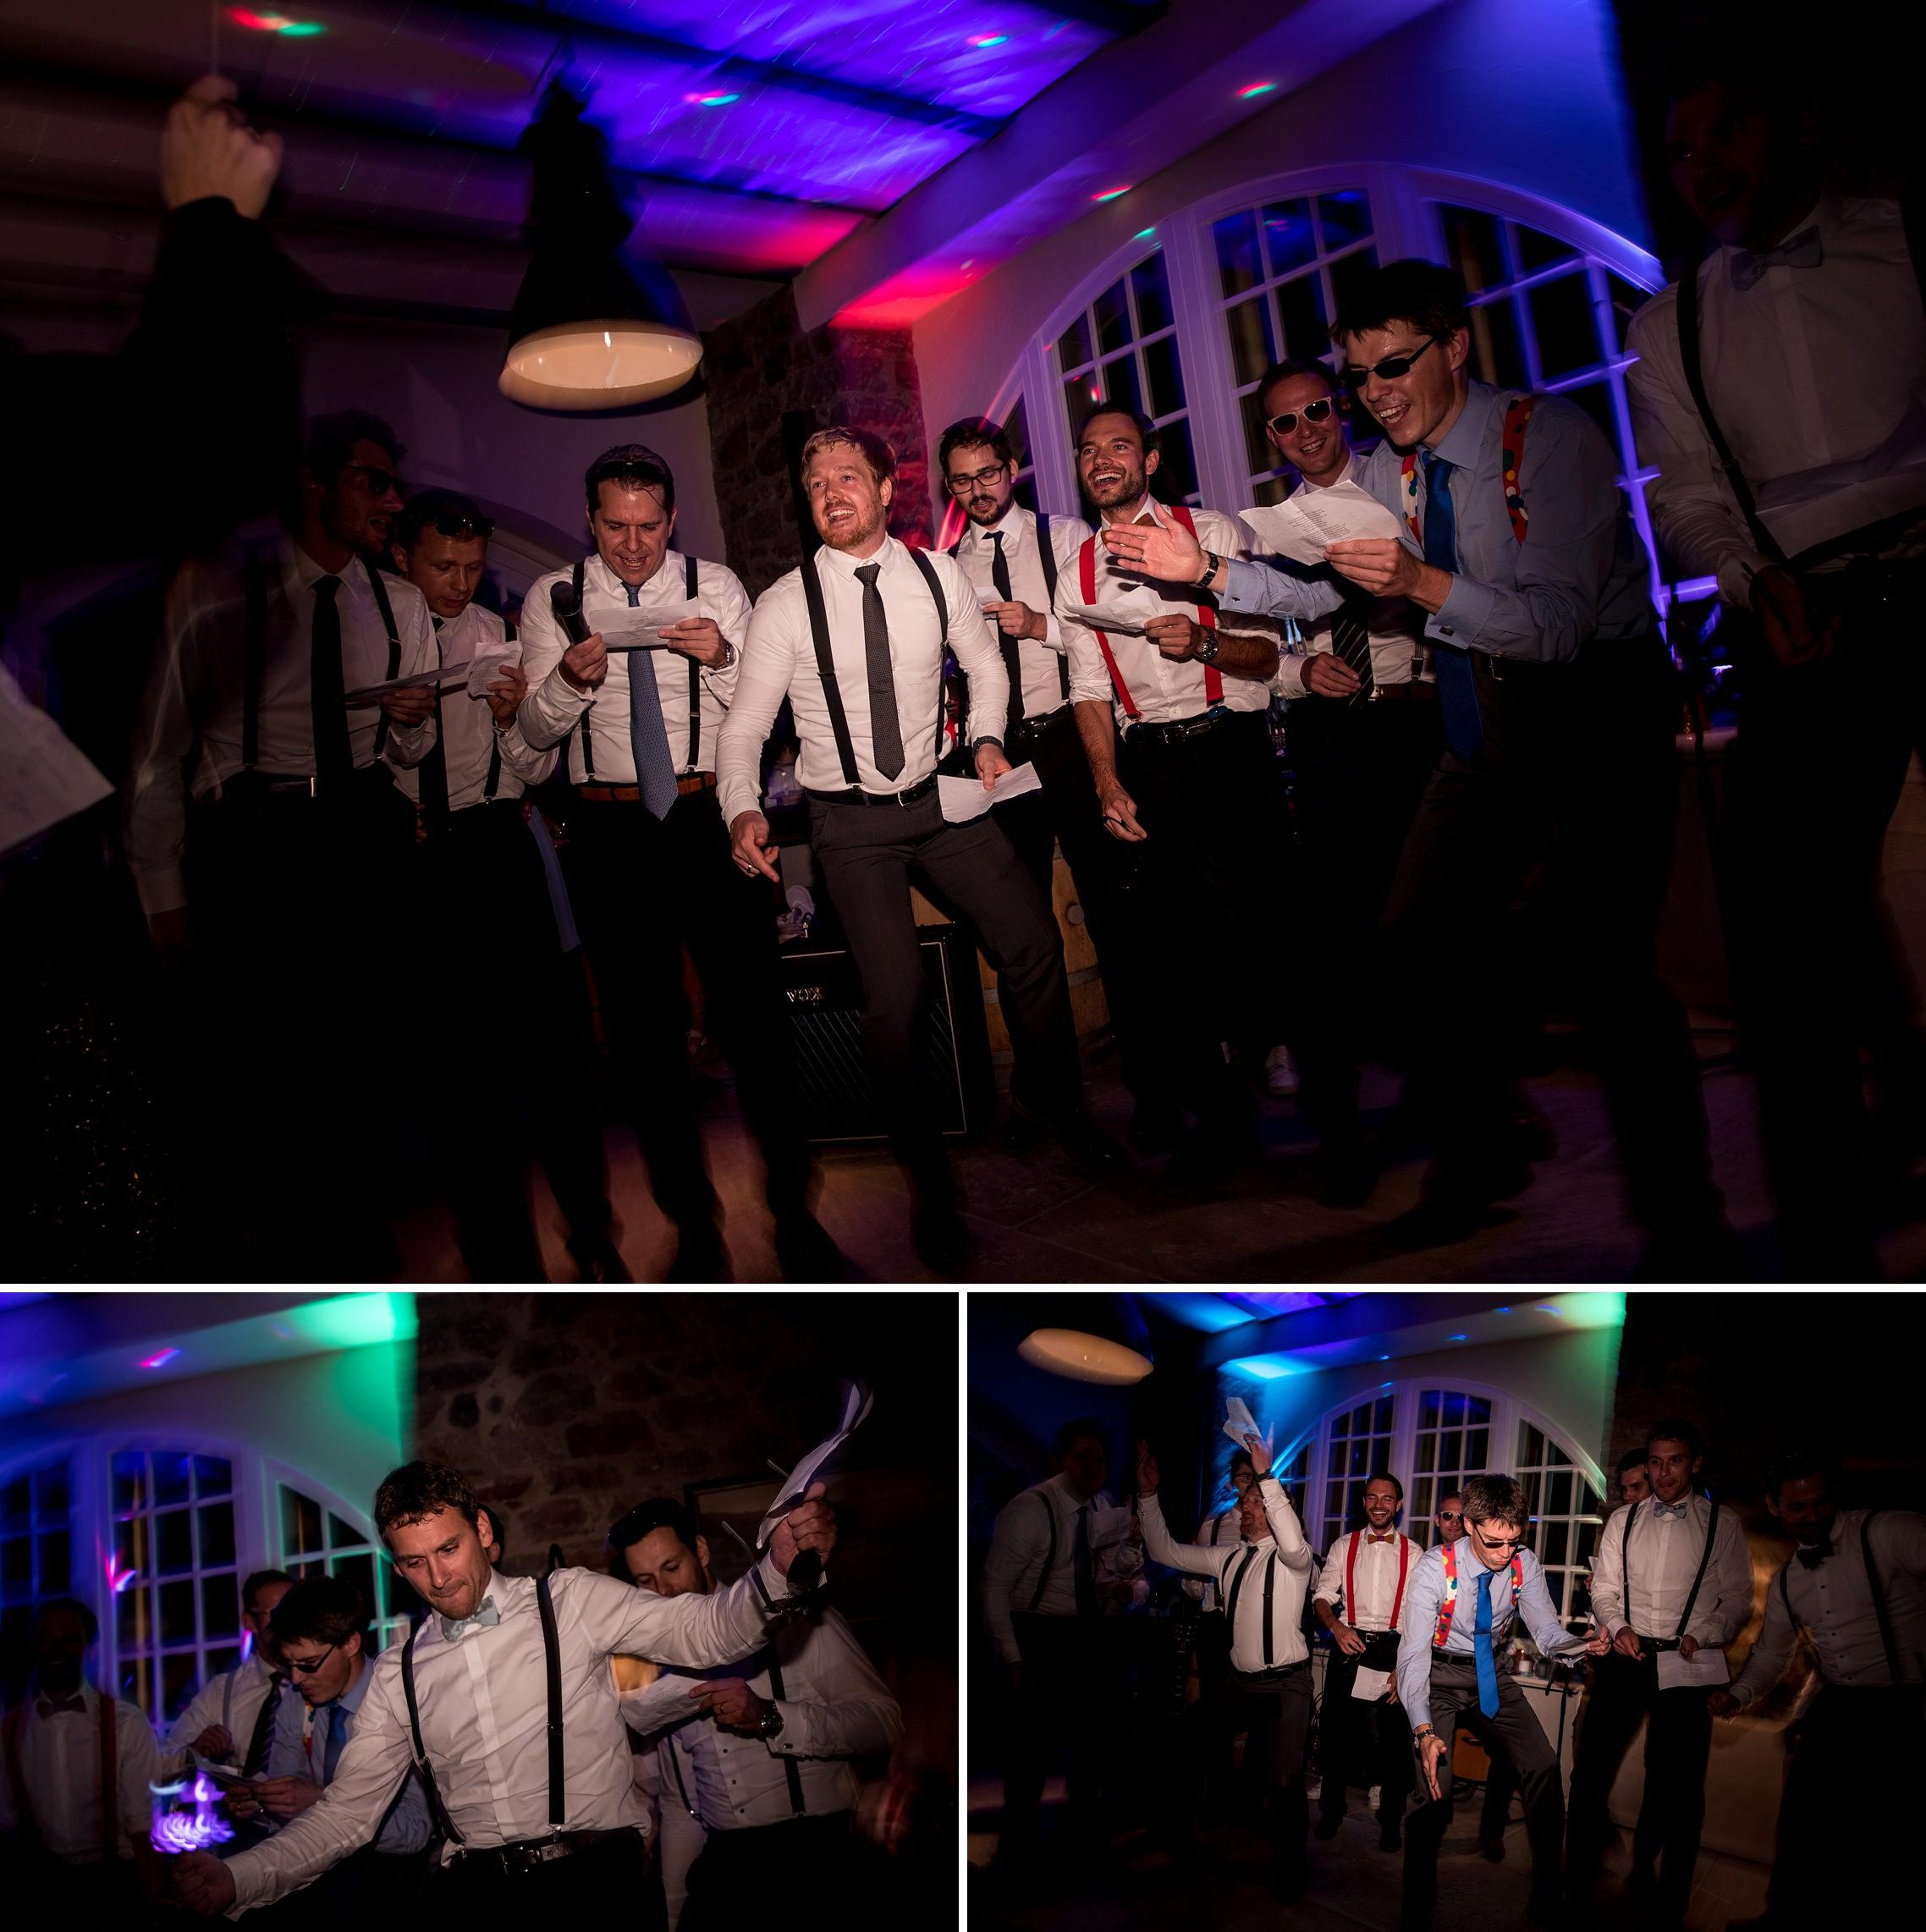 Die Jungs tragen ein selbstkomponiertes Stück auf der Hochzeitsfeier vor.